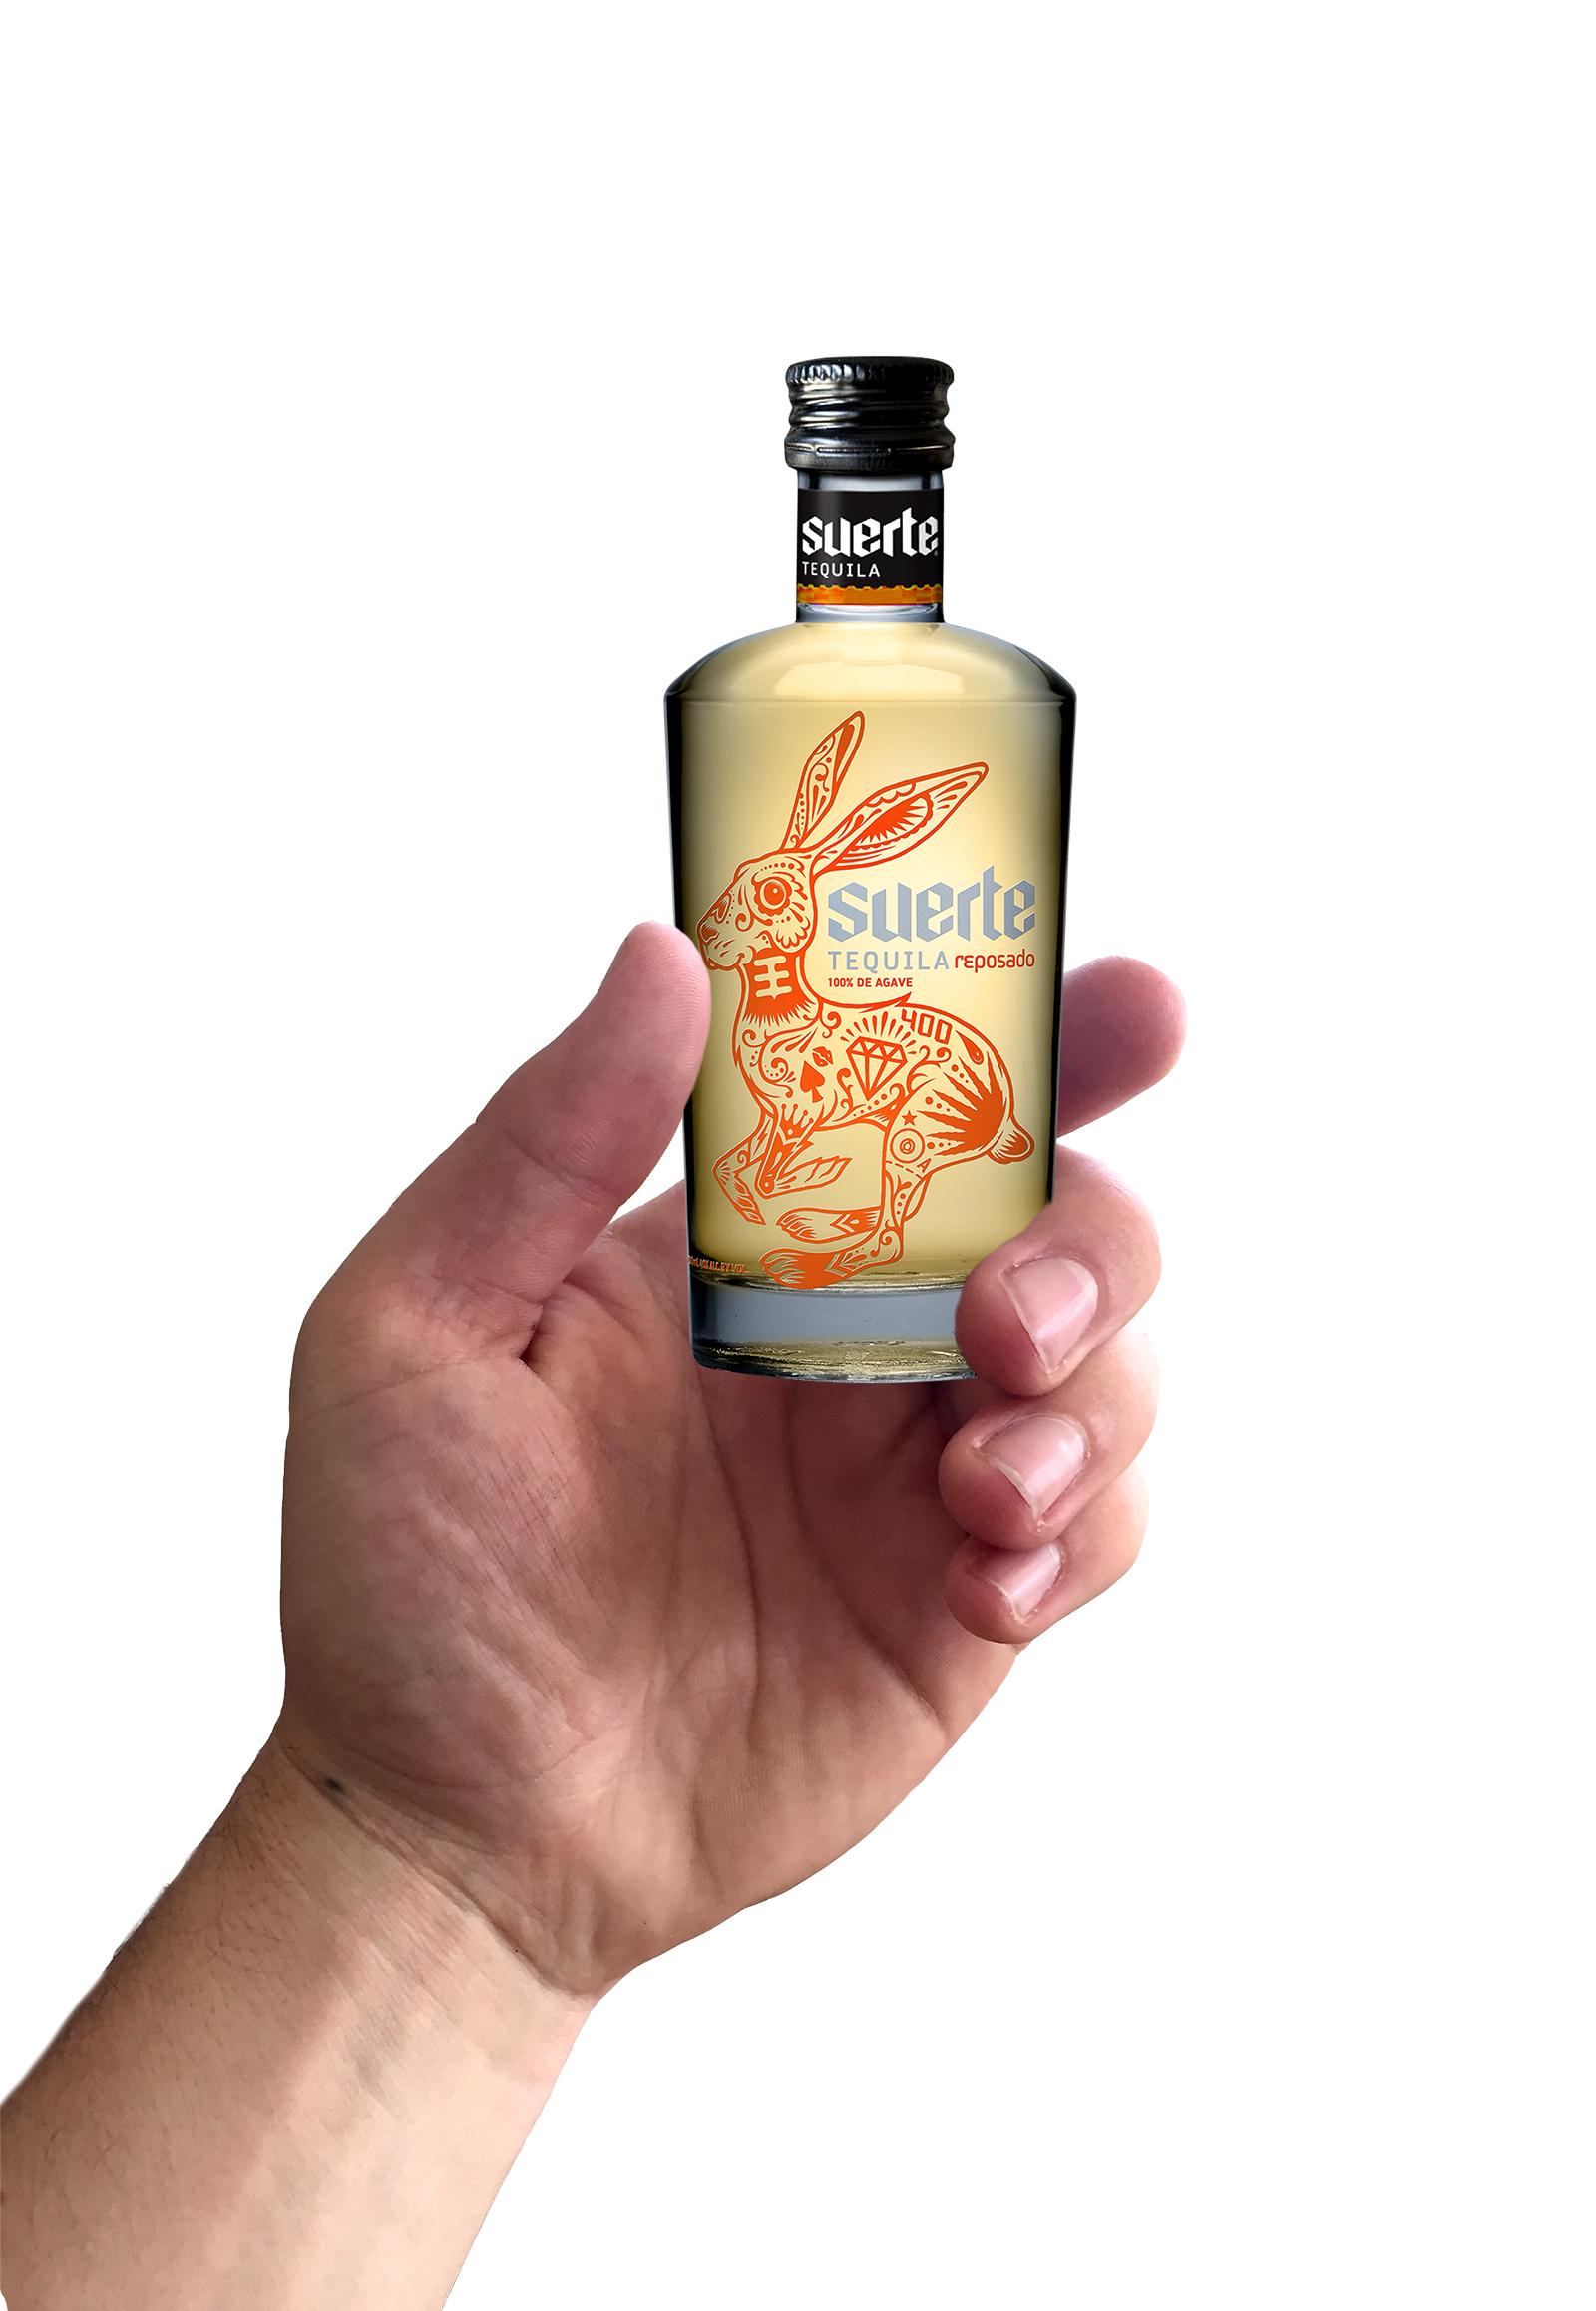 50 Ml bottle in hand Repo flat (1).jpg